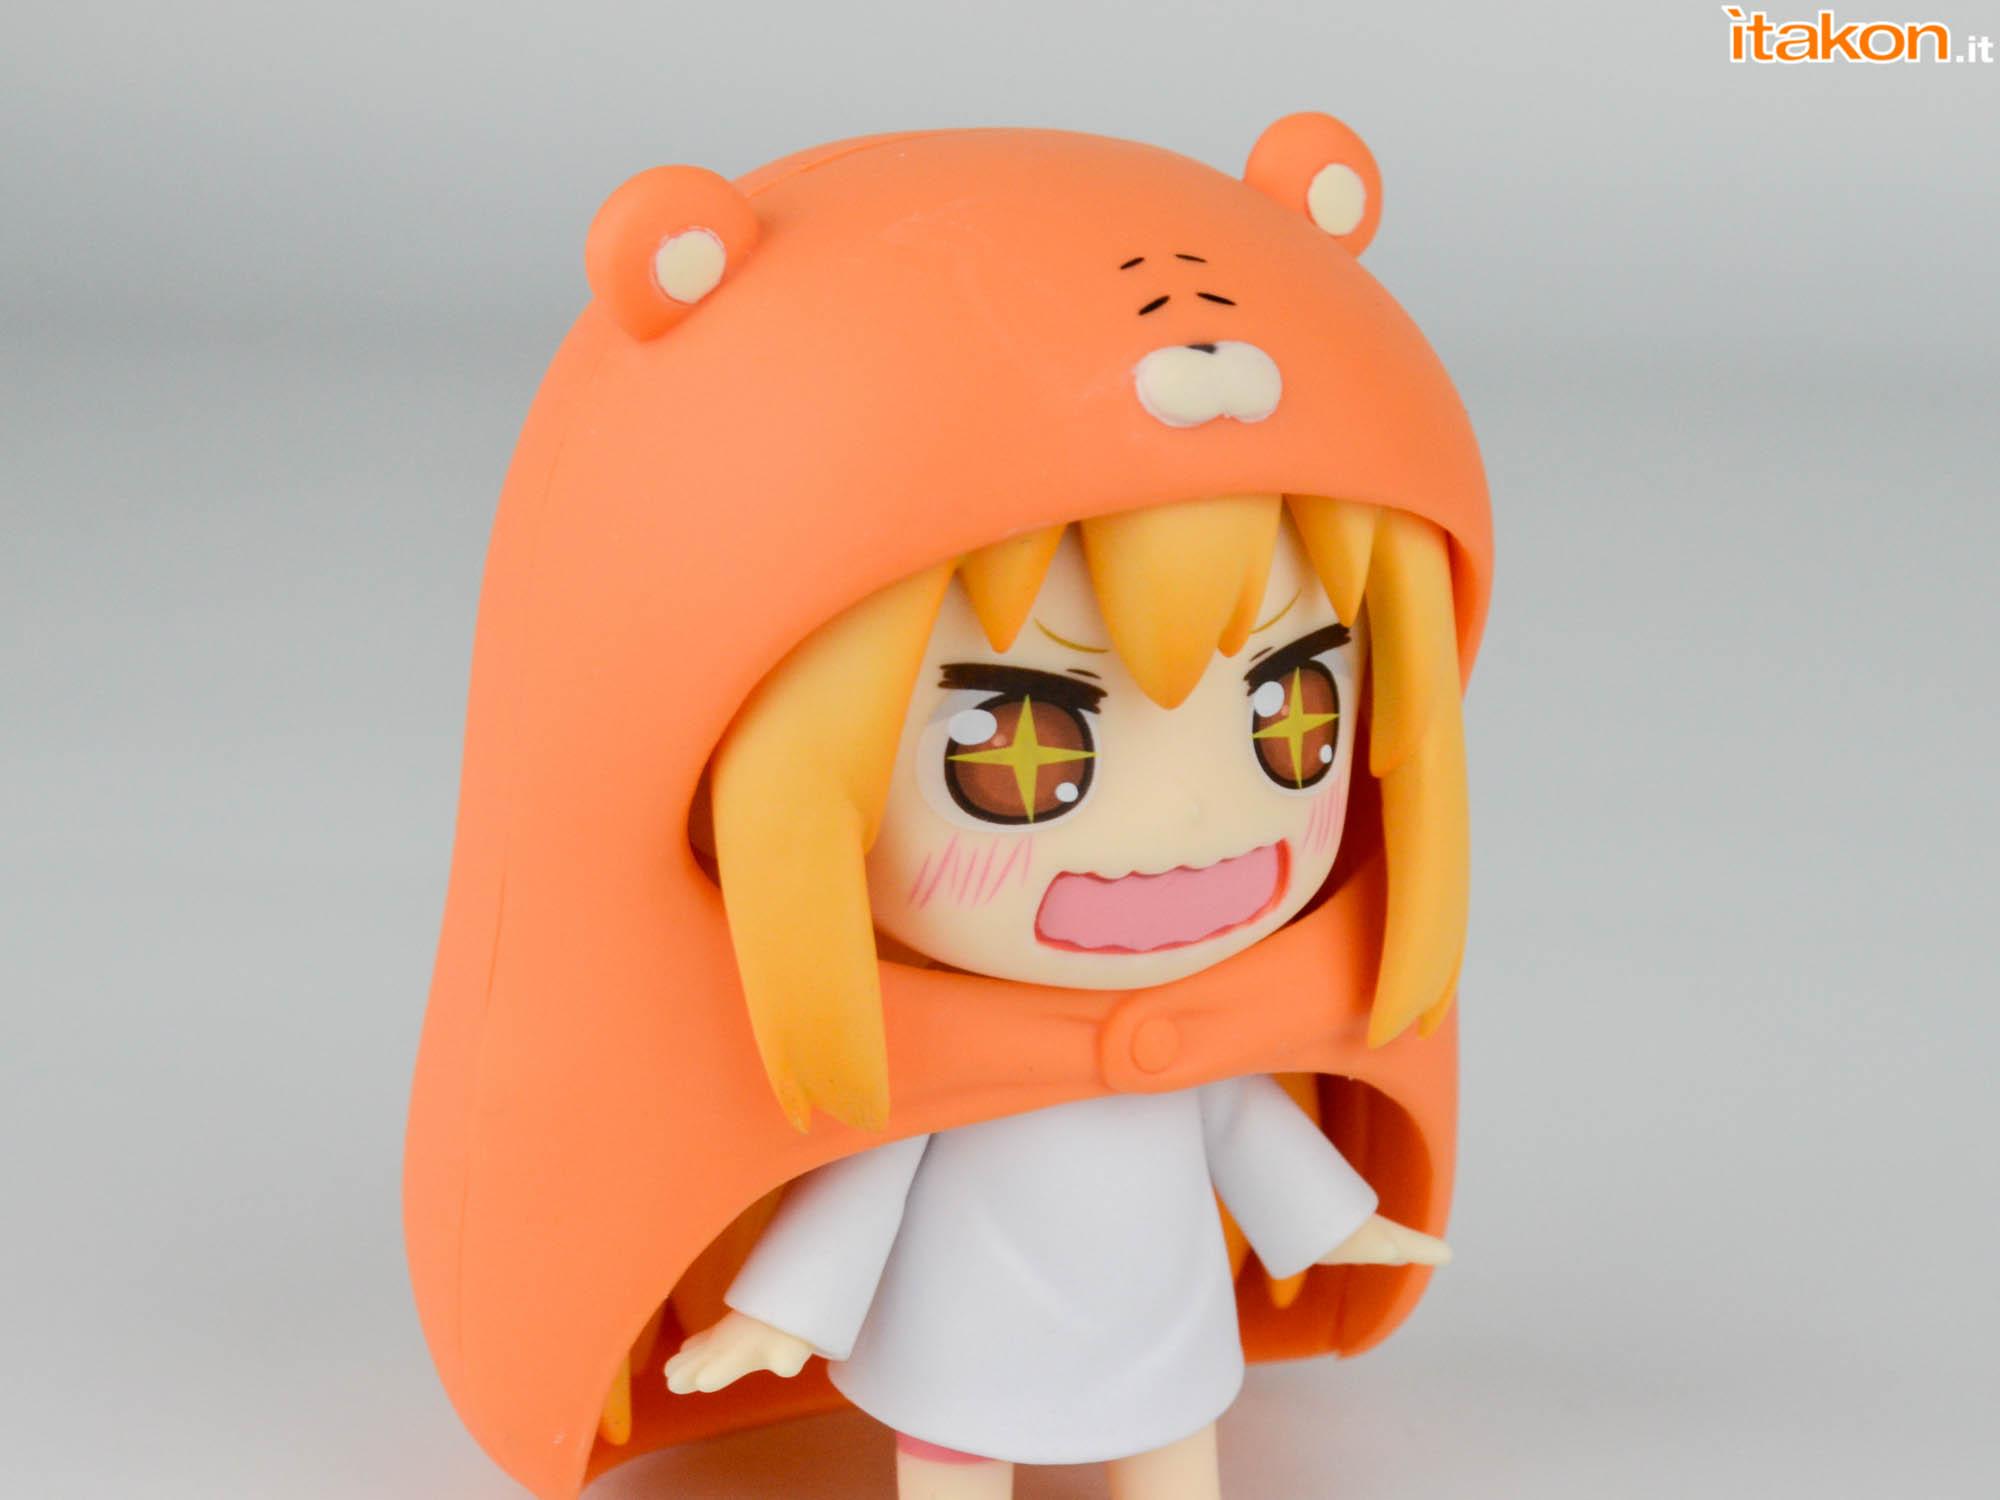 Umaru_Nendoroid_GSC_524_review-23